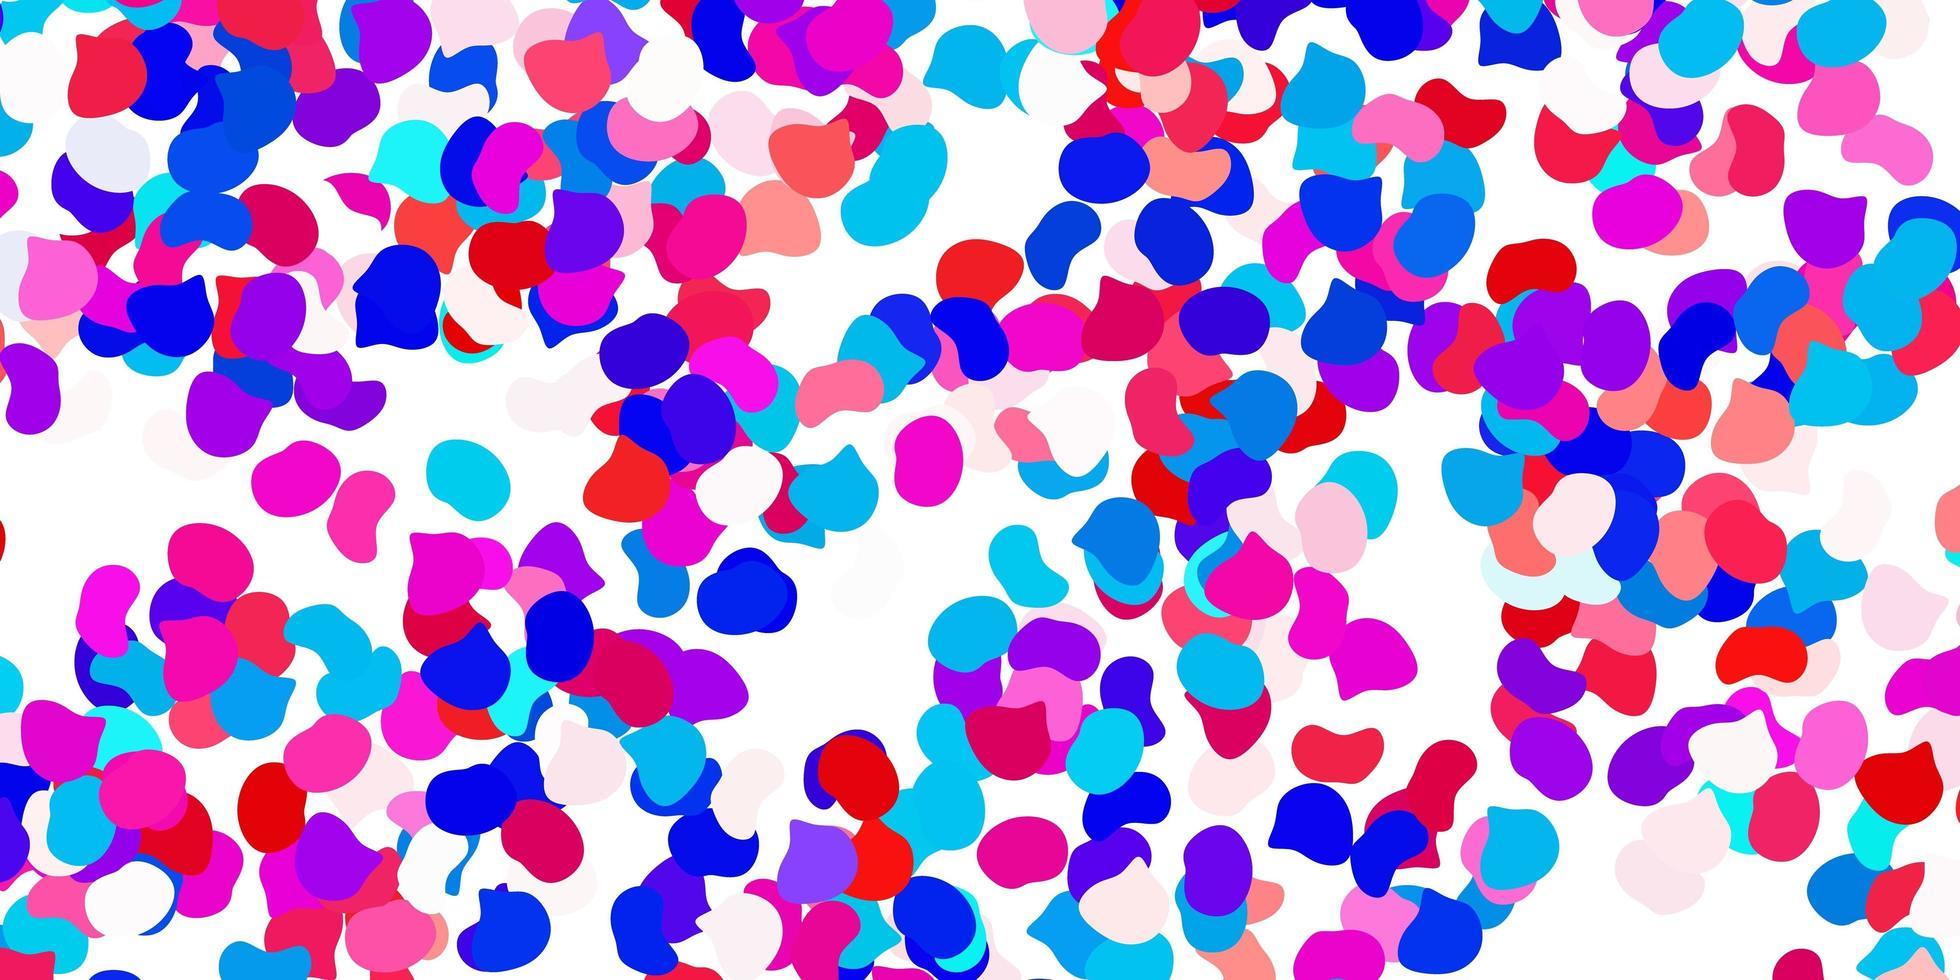 ljusblå, röd vektorbakgrund med kaotiska former. vektor